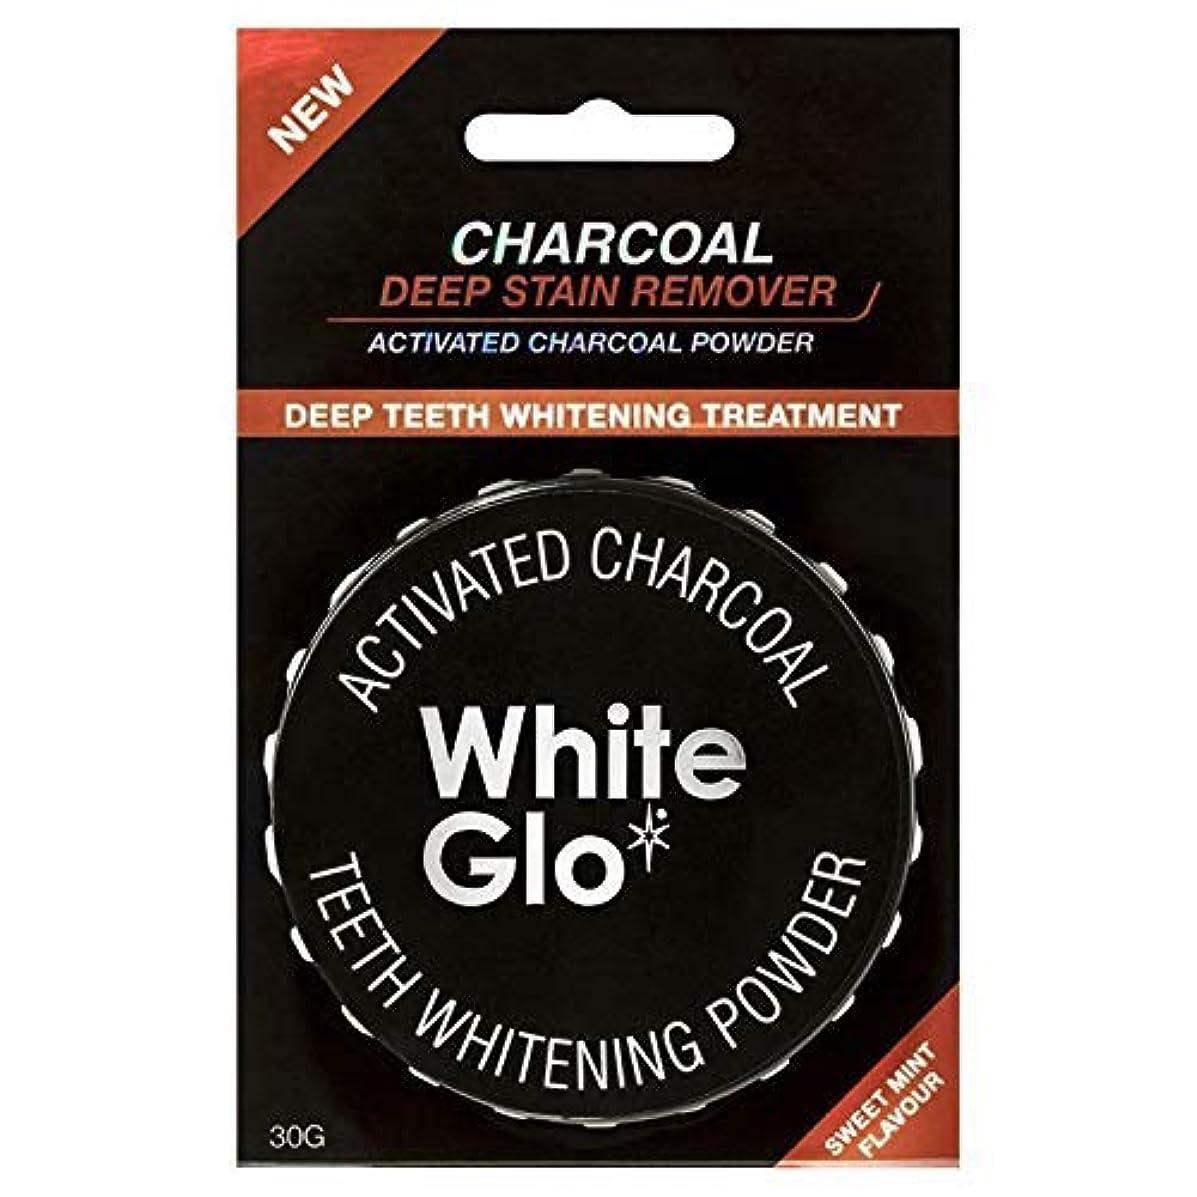 計算可能カブ楽観的Teeth Whitening Systems White Glo Activated Charcoal Teeth Whitening Powder 30g Australia / システムを白くする歯を白くする歯の粉...